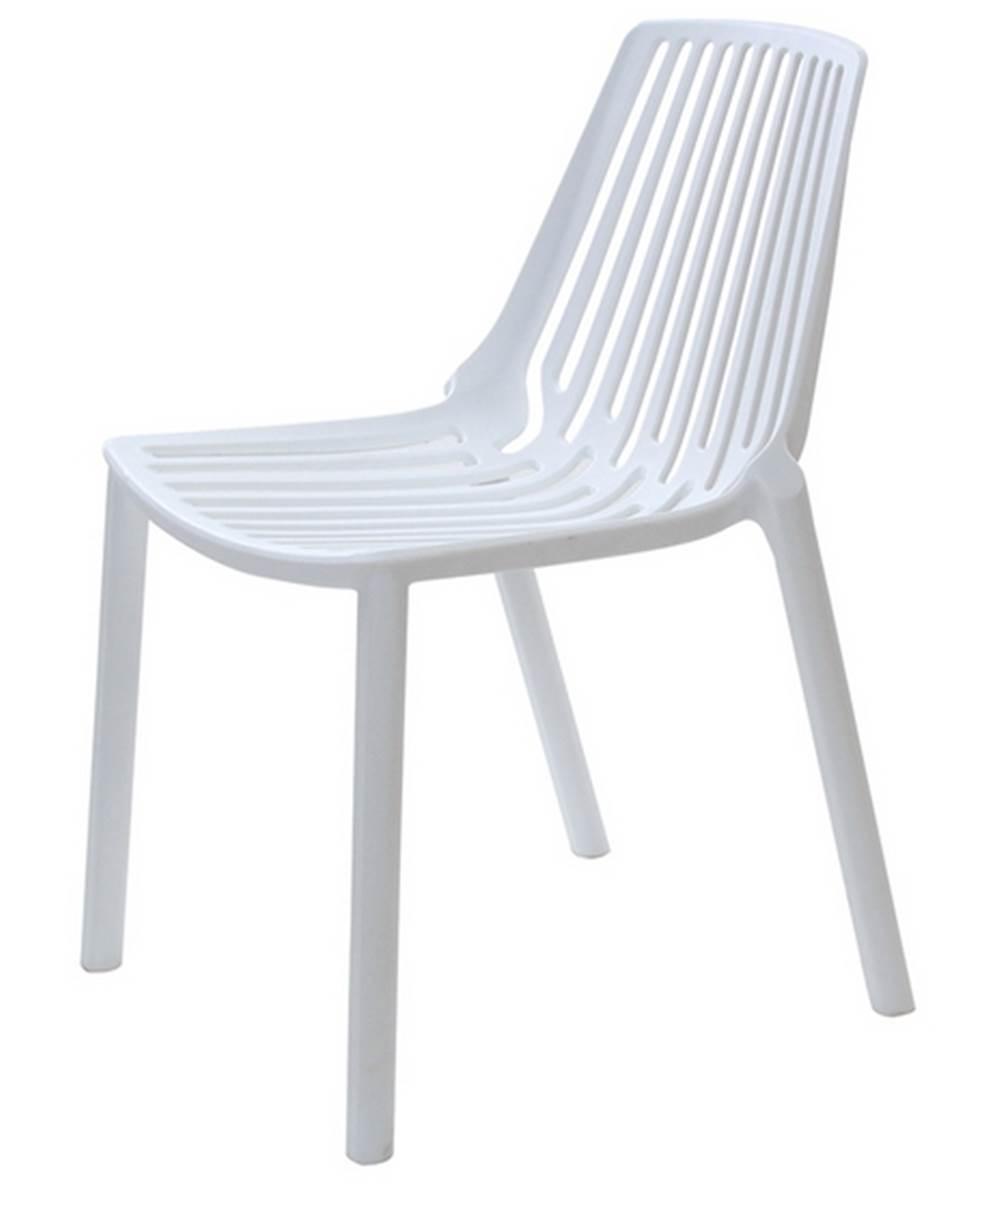 Cadeira Morgana Polipropileno Cor Branca - 29780